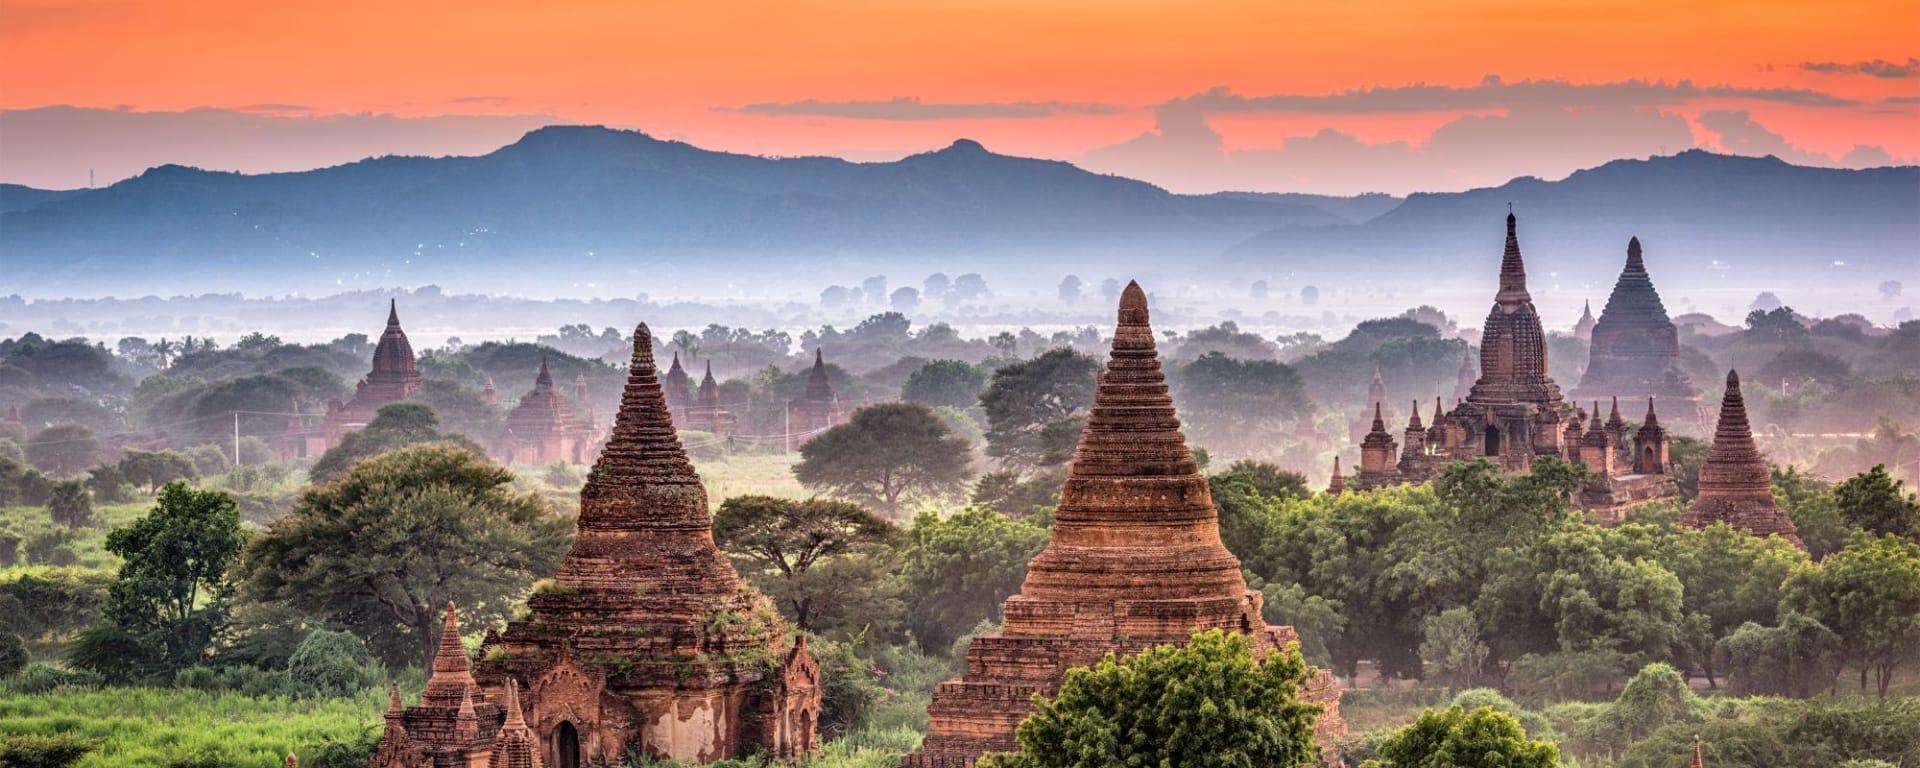 Le pays doré de Yangon: Bagan